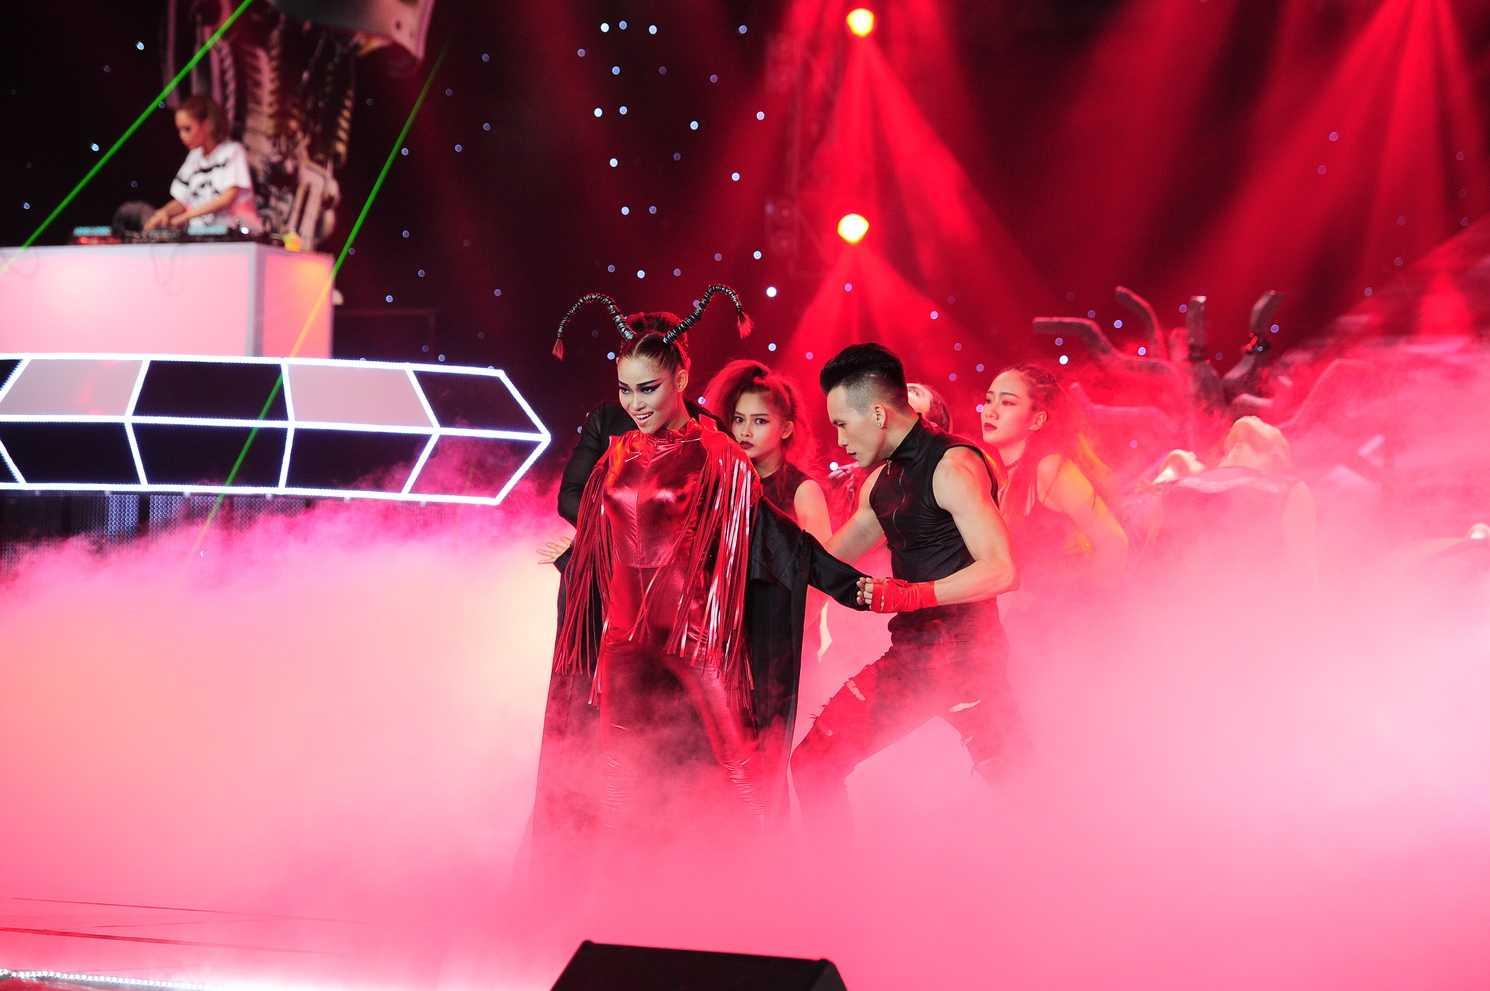 Team ca sĩ Hương Tràm dưới sự dàn dựng của biên đạo Ngọc Linh cùng DJ King Lady đã khiến khán giả bất ngờ với những nhân vật trong câu chuyện kinh hoàng về tử thần